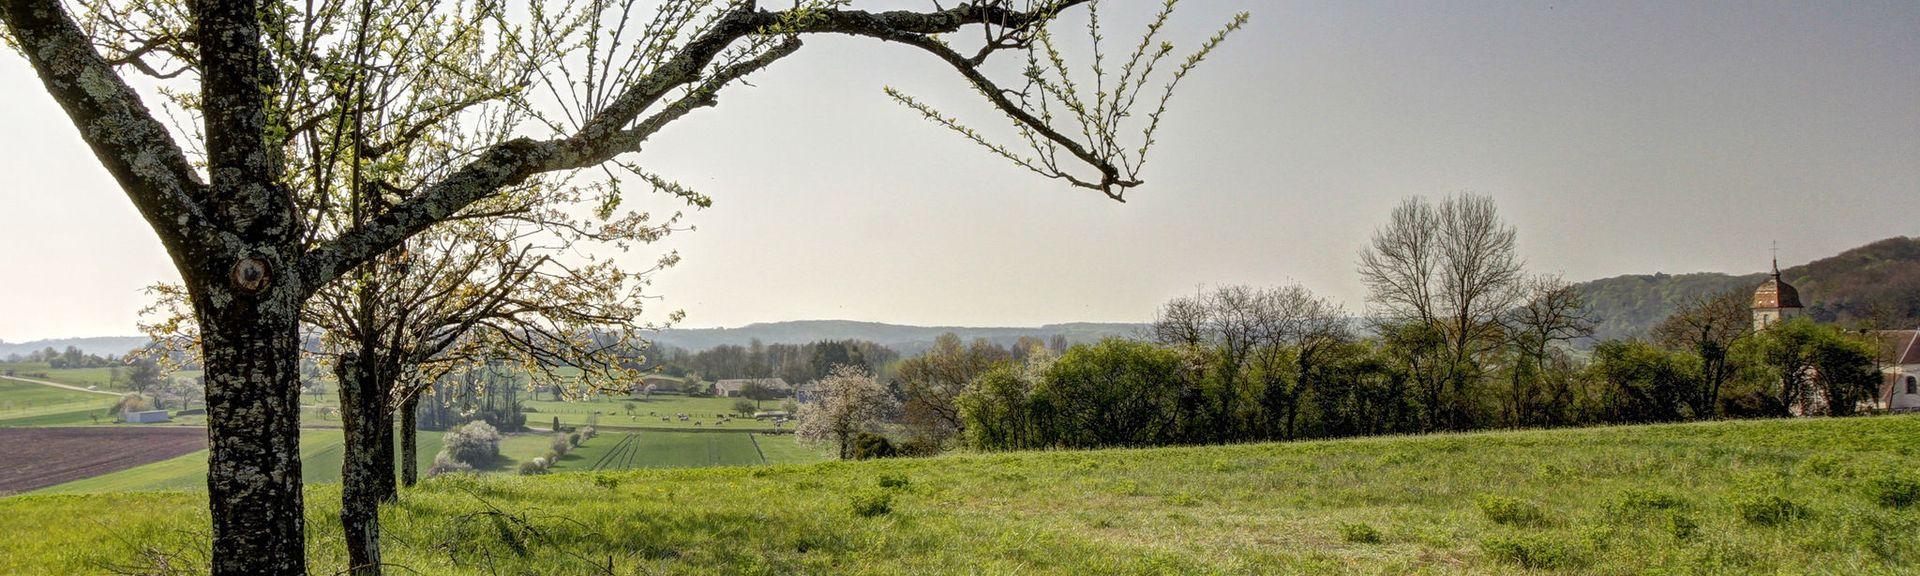 Haute-Saône, France